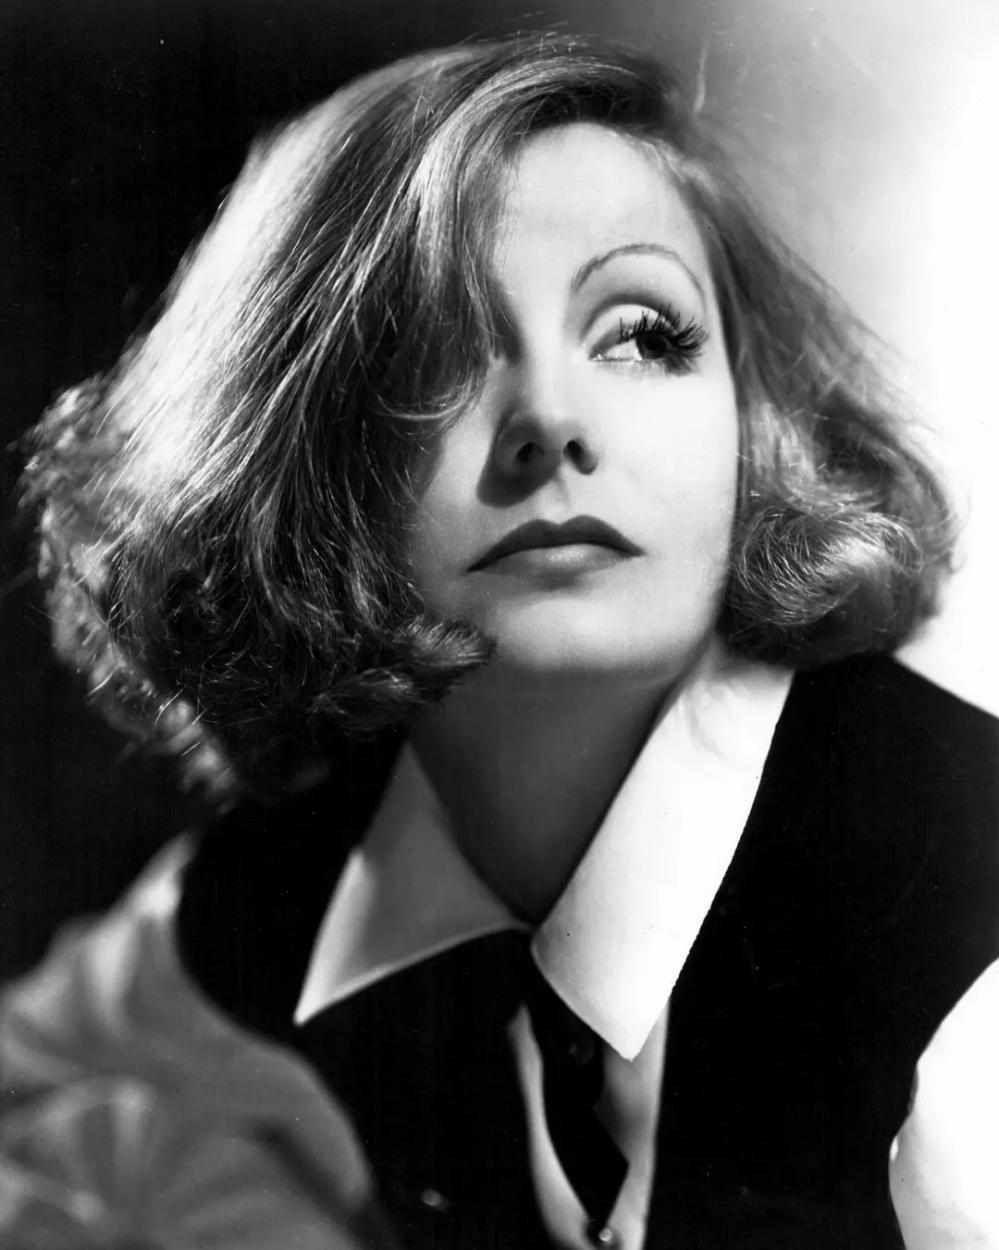 百年来最伟大的女演员_看完欧美电影里的经典尤物,原来美人都是上帝创